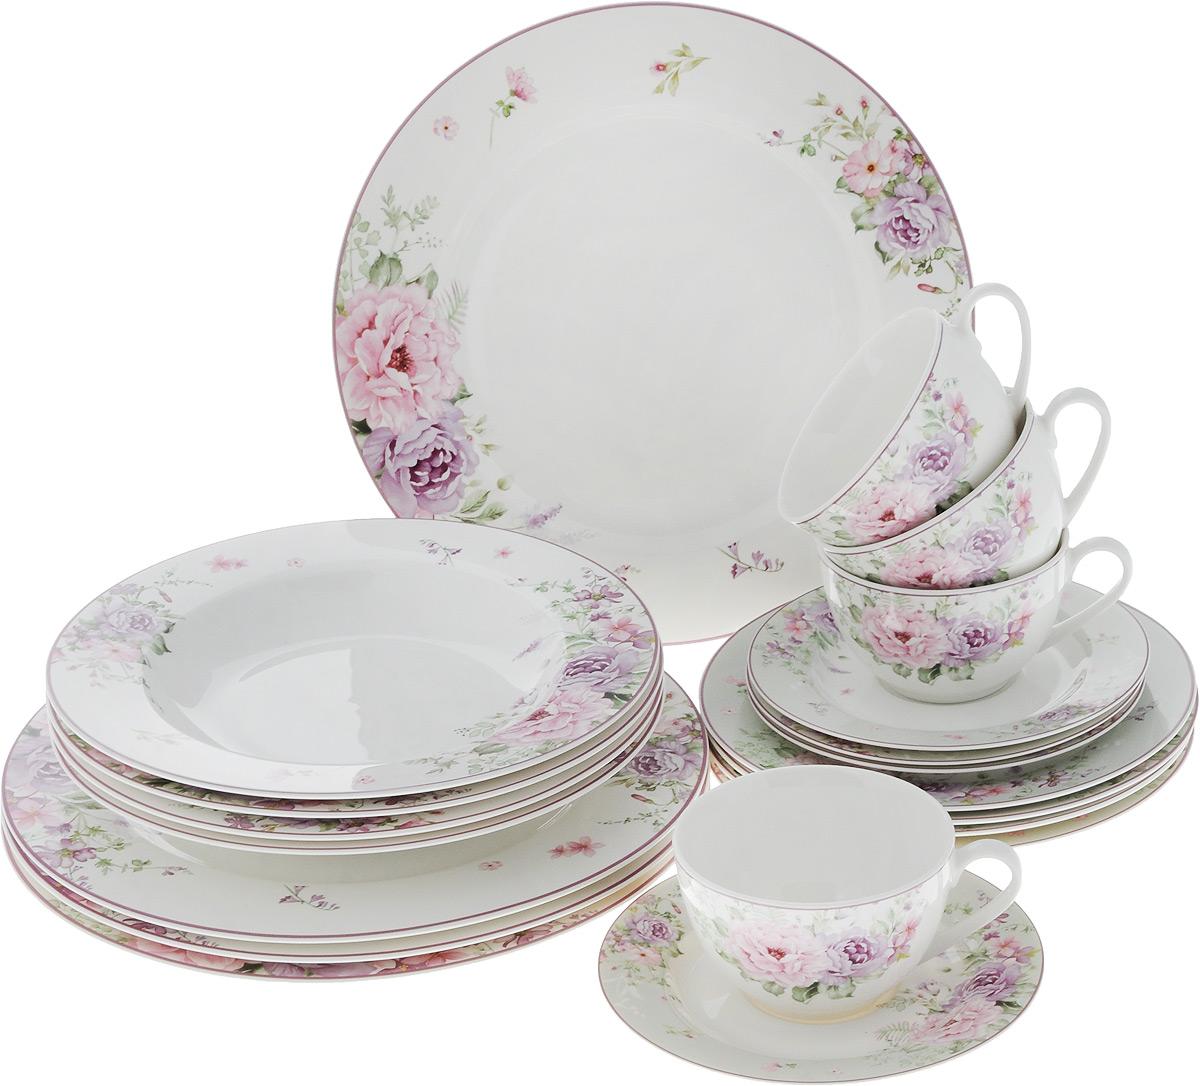 Набор столовой посуды Сиреневые цветы, 20 предметов. 16-33616-336Набор столовой посуды Сиреневые цветы состоит из 4 обеденных тарелок, 4 суповых тарелок, 4 десертных тарелок, 4 блюдец и 4 чашек. Изделия выполнены из фарфора и дополнены изысканным цветочным рисунком. Посуда отличается прочностью, гигиеничностью и долгим сроком службы, она устойчива к появлению царапин. Такой набор прекрасно подойдет как для повседневного использования, так и для праздников или особенных случаев. Такой набор столовой посуды - это не только яркий и полезный подарок для родных и близких, а также великолепное дизайнерское решение для вашей кухни или столовой. Можно использовать в микроволновой печи и мыть в посудомоечной машине. Диаметр суповой тарелки: 23 см. Высота суповой тарелки: 3 см.Диаметр обеденной тарелки: 27 см. Диаметр десертной тарелки: 19 см. Диаметр блюдца: 15,5 см. Объем чашки: 250 мл.Диаметр чашки (по верхнему краю): 9,5 см.Высота чашки: 6 см.